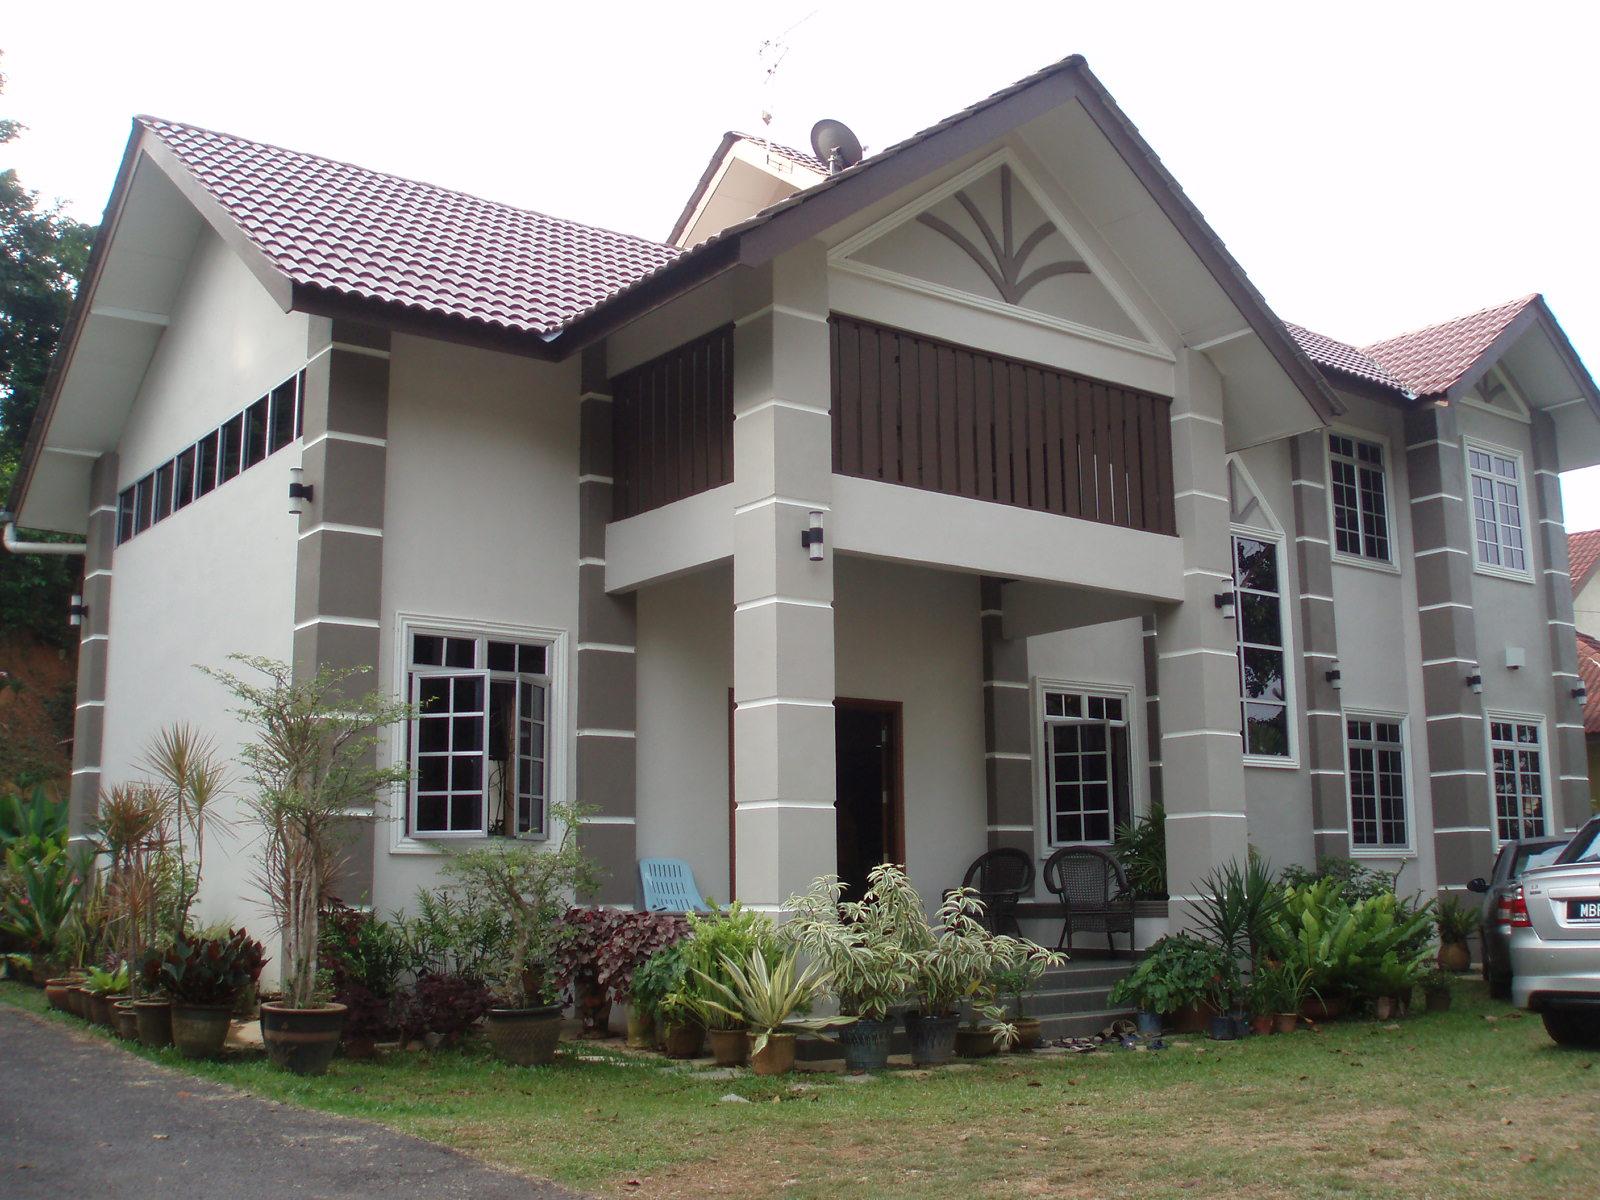 Siap Dah Rumah Banglo 2 Tingkat Di Peringgit